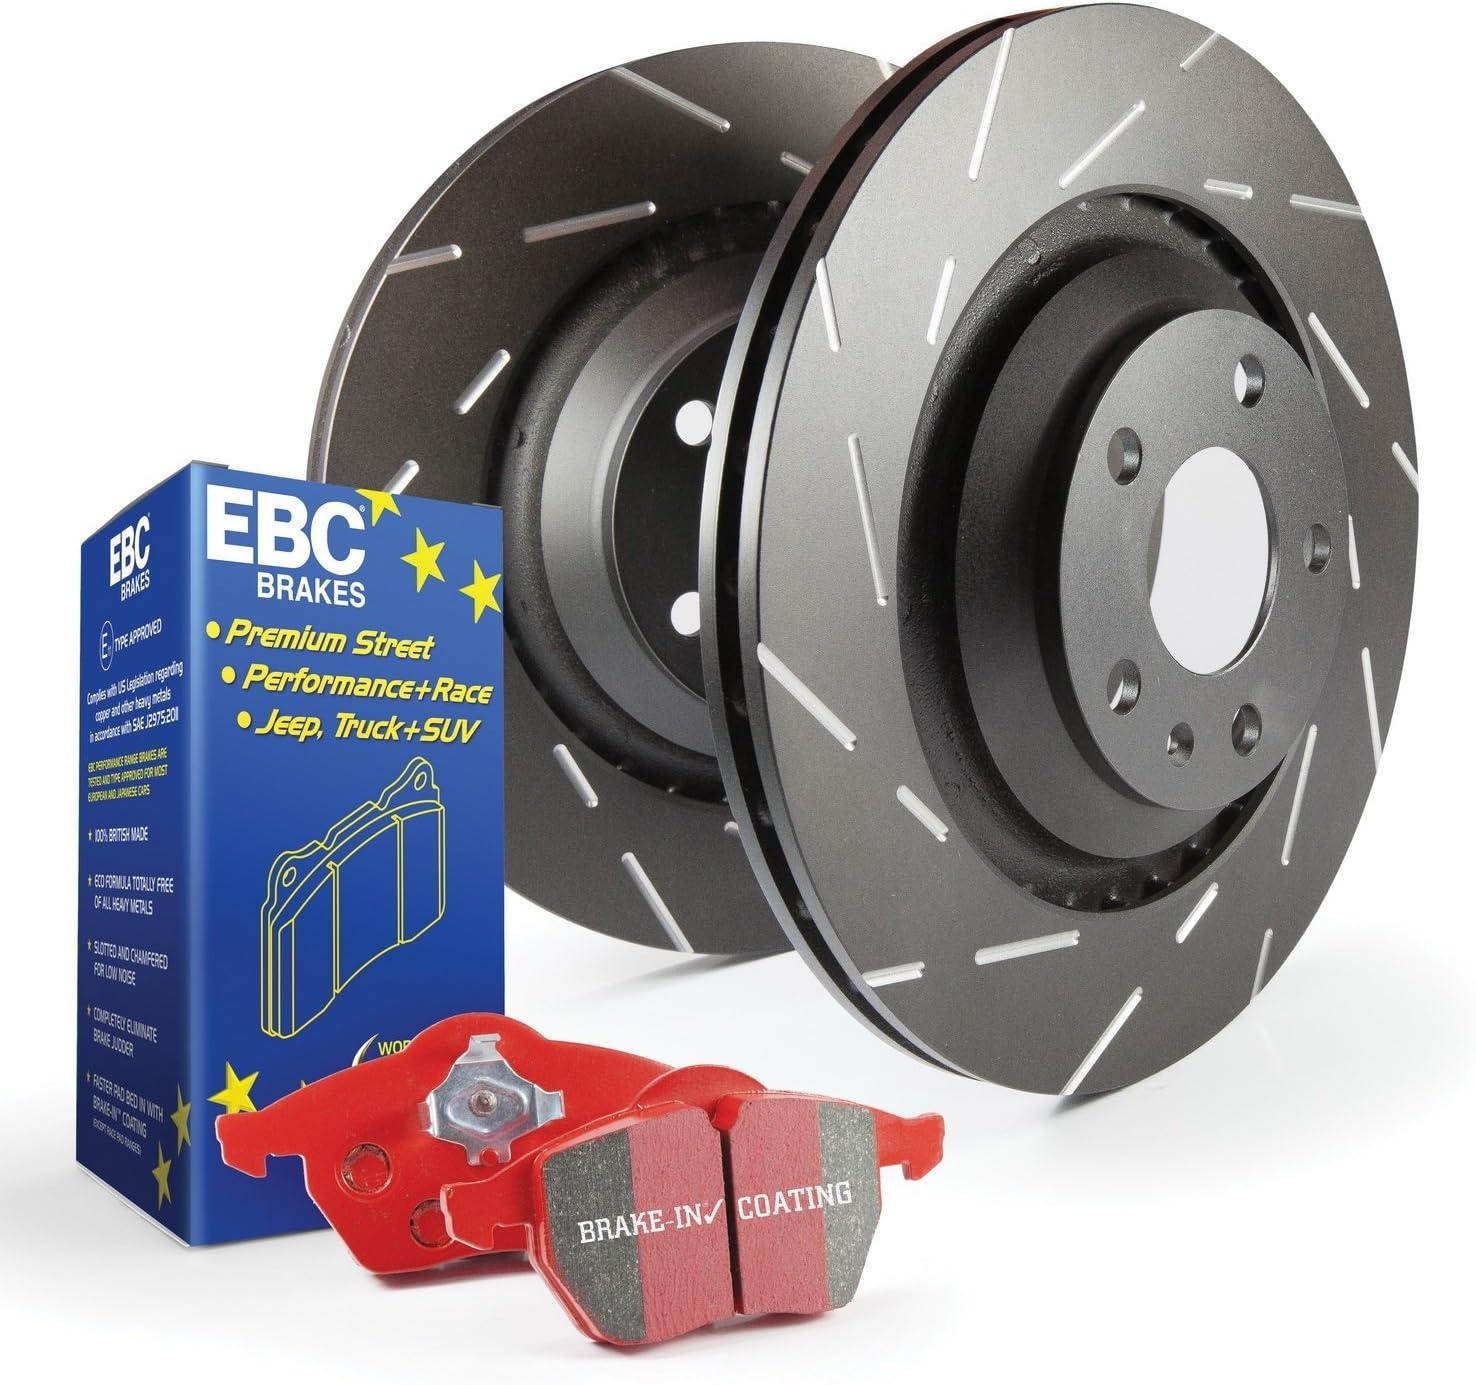 EBC S4KF1326 Stage-4 Max 48% OFF Brake Kit 5 popular Signature